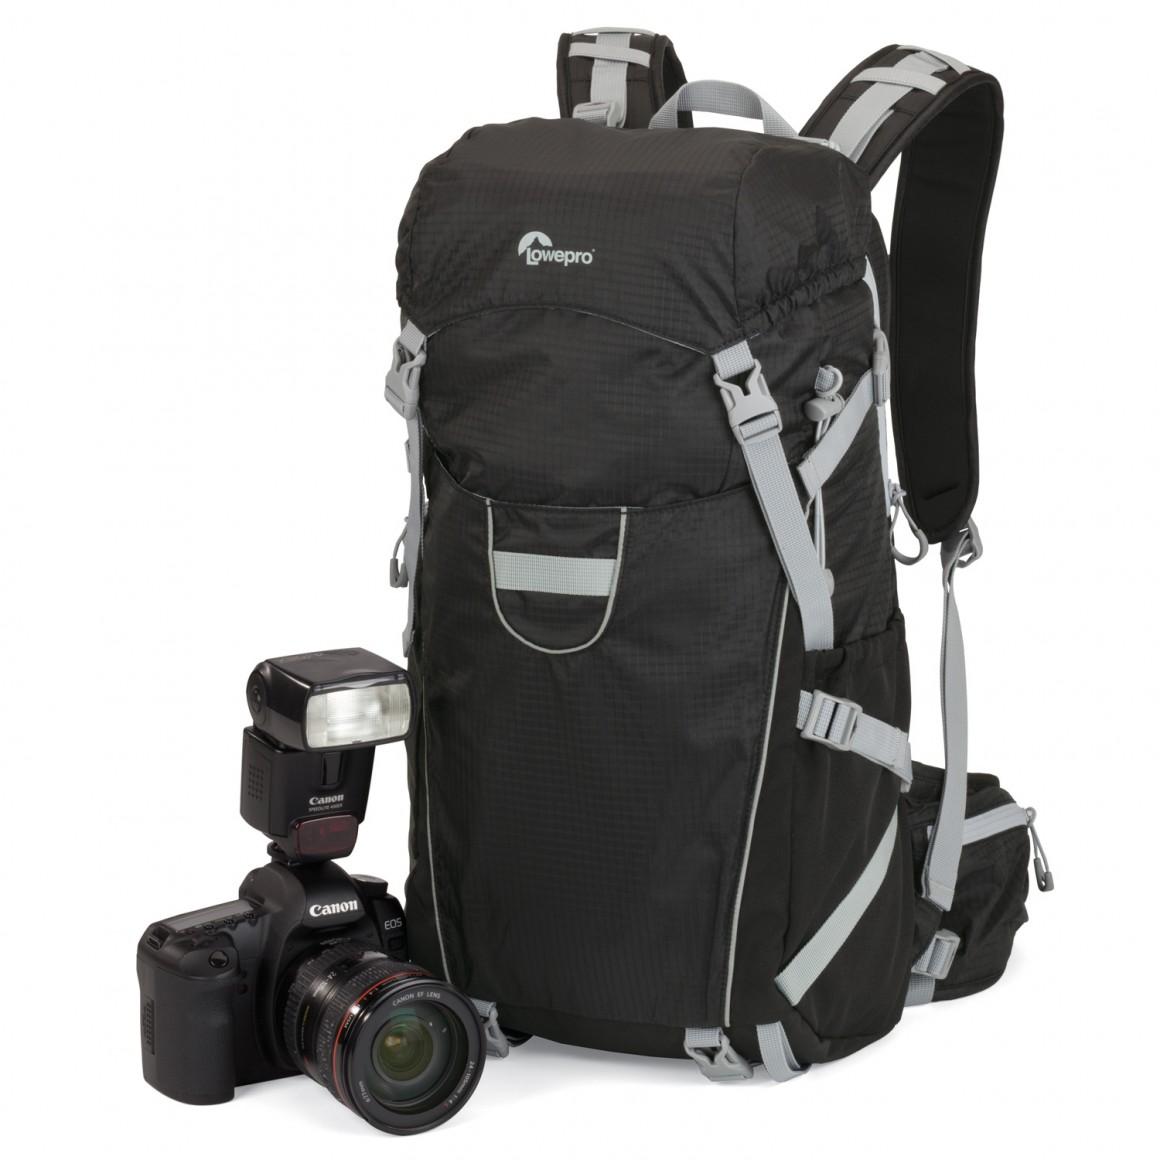 Форум посоветуйте походный рюкзак эгро рюкзаки челябинск